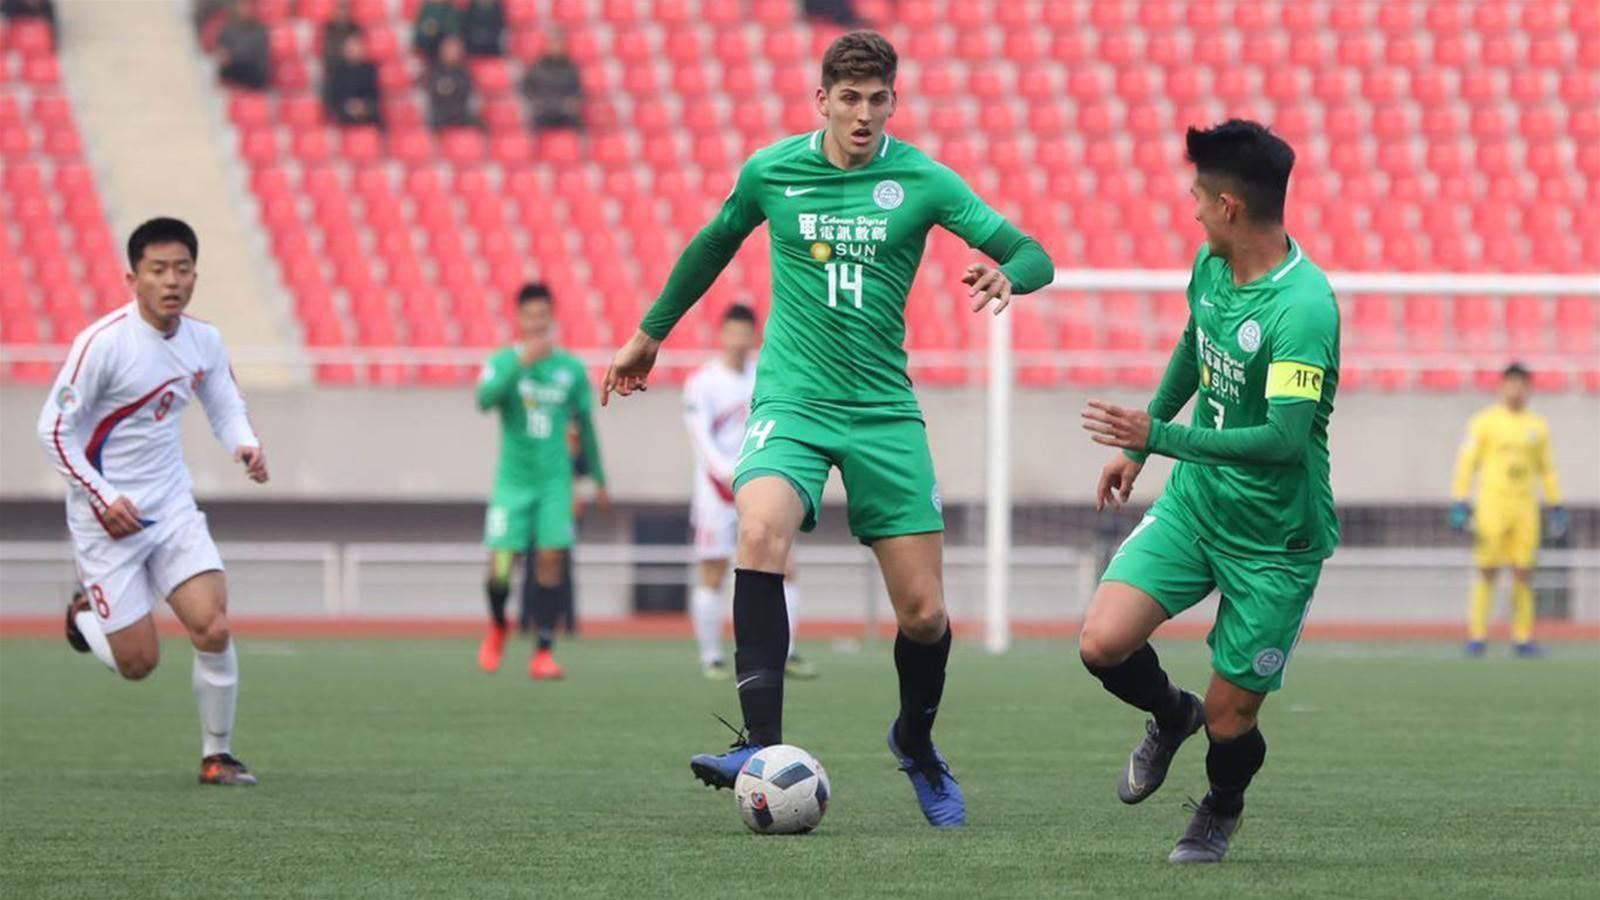 'My week in North Korea': Ex-A-league striker's inside story